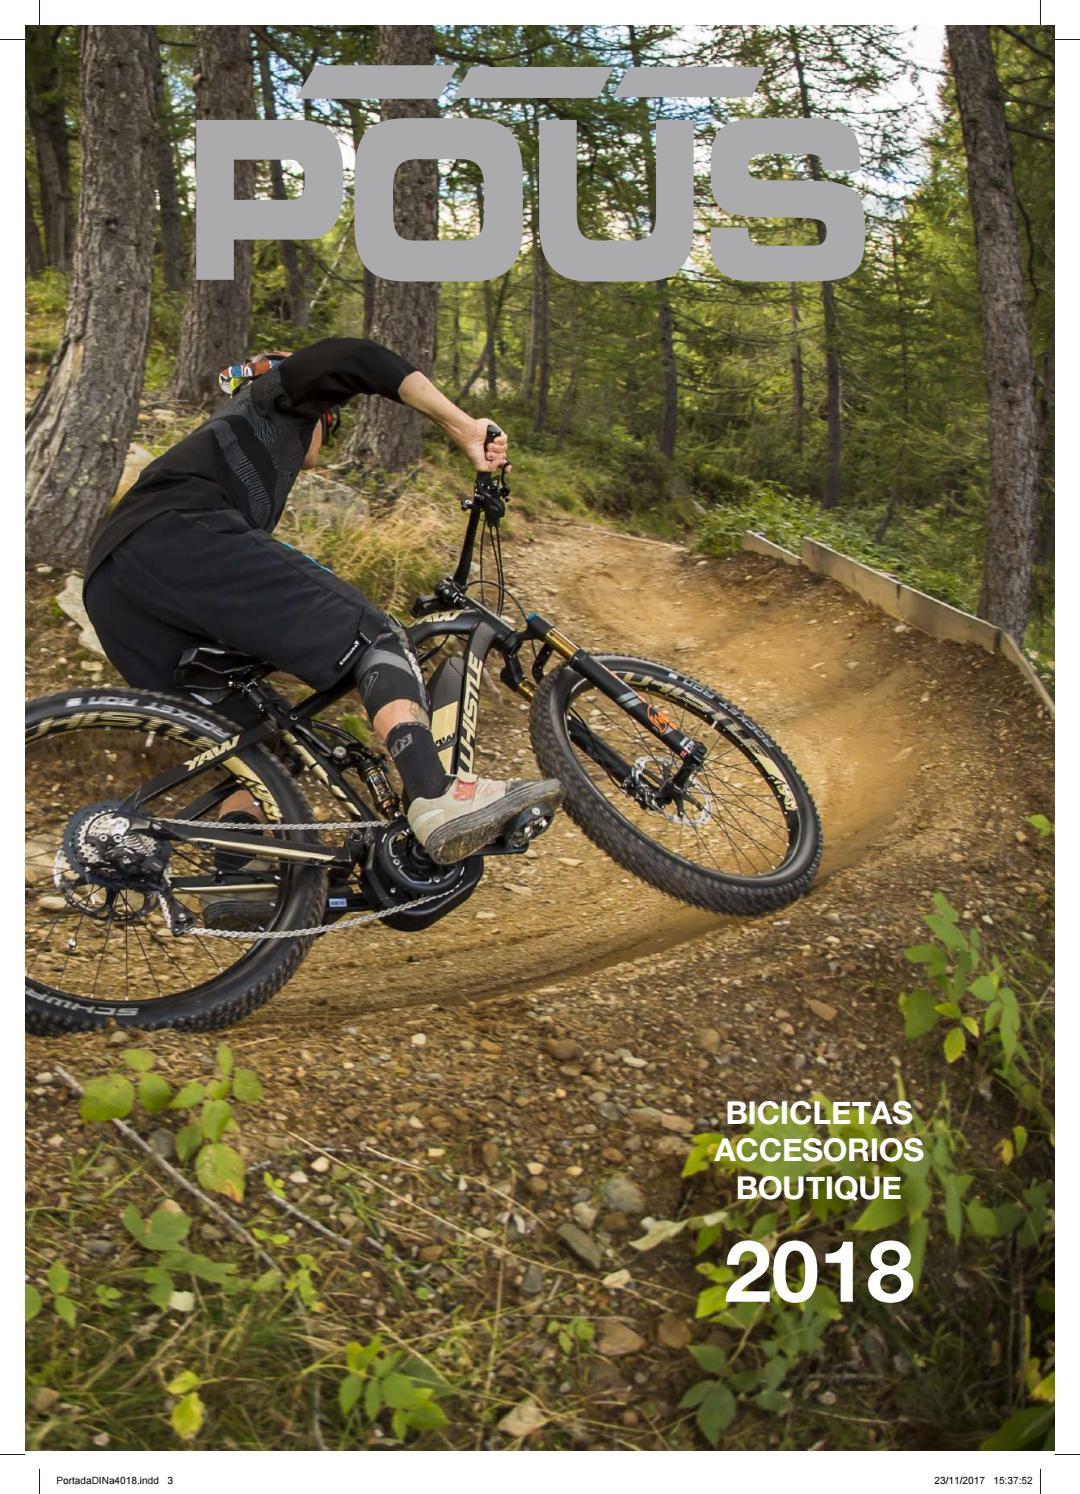 Catalogo Pous Ciclos Almozara by Ciclos Almozara - issuu